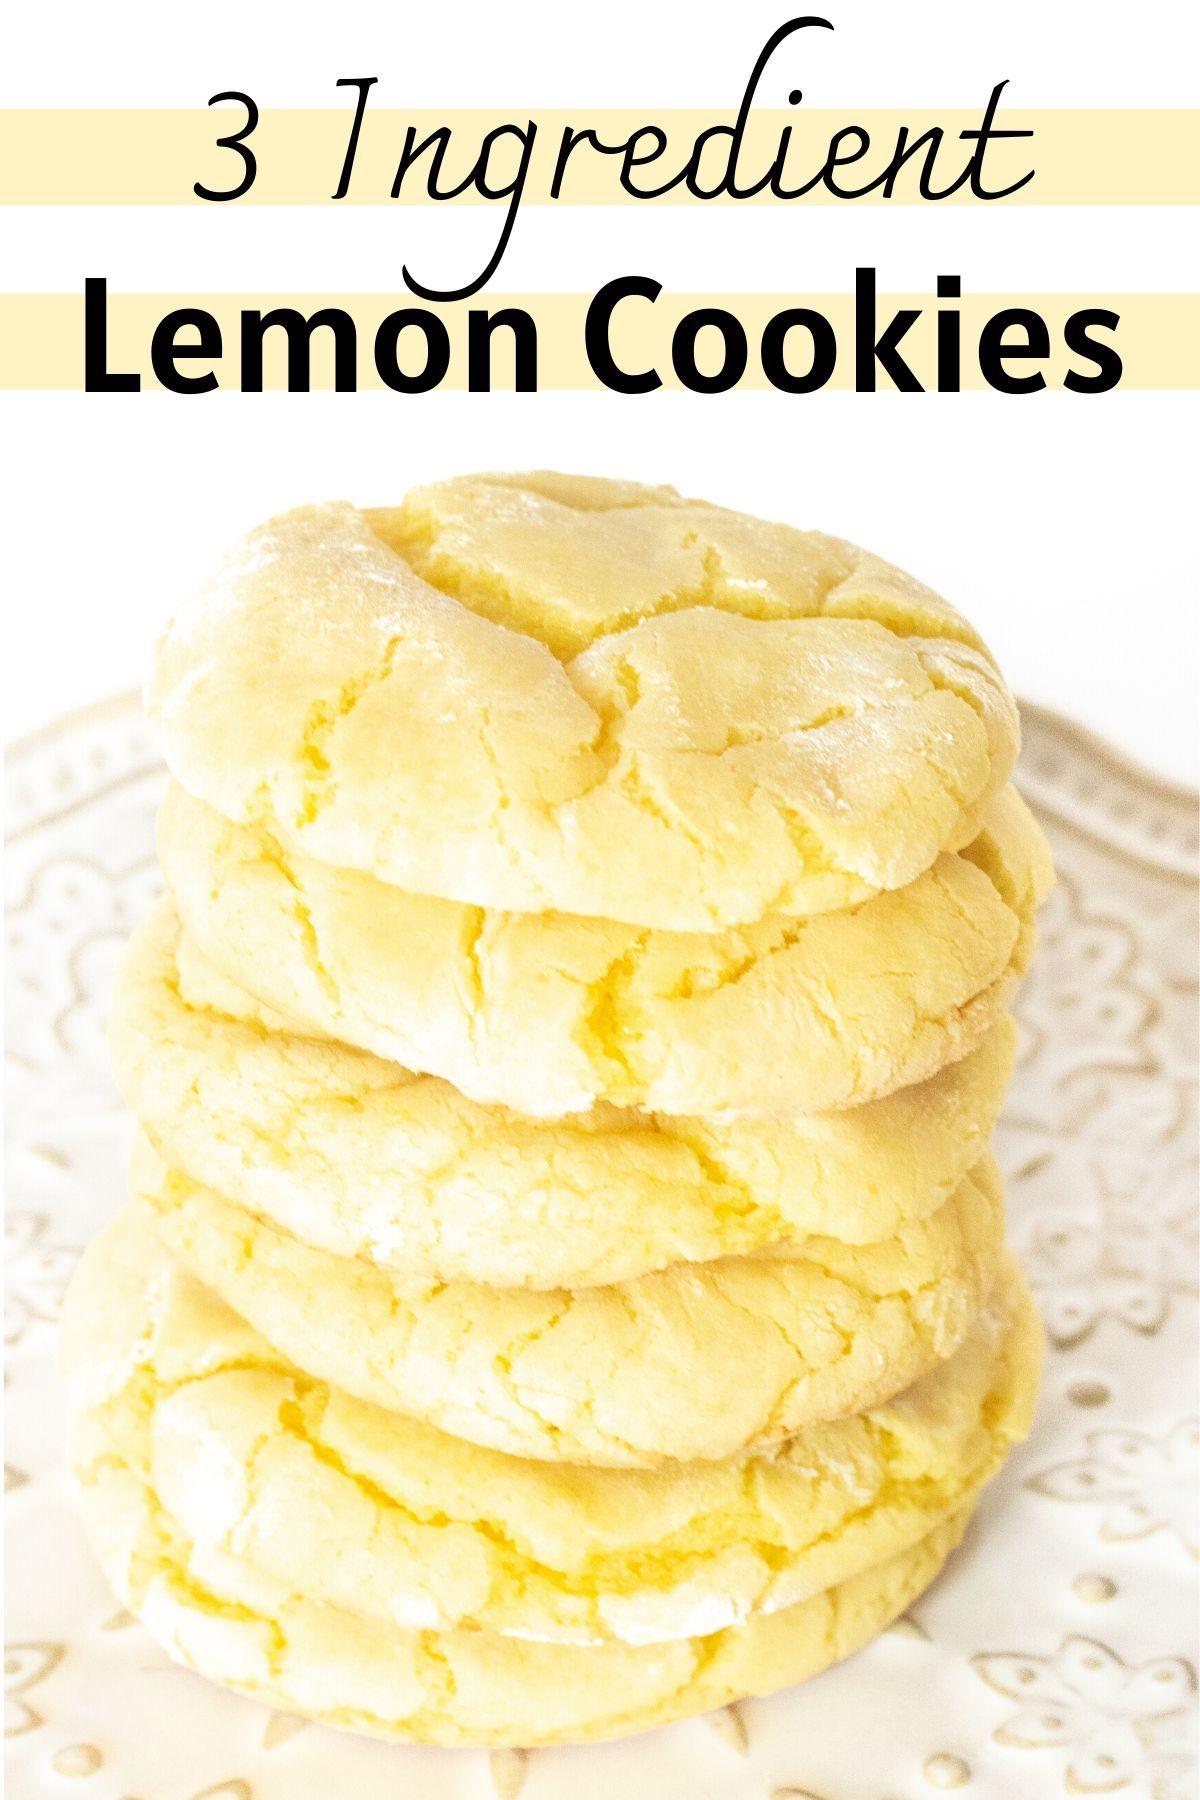 Photo of 3 Ingredient Lemon Cookies